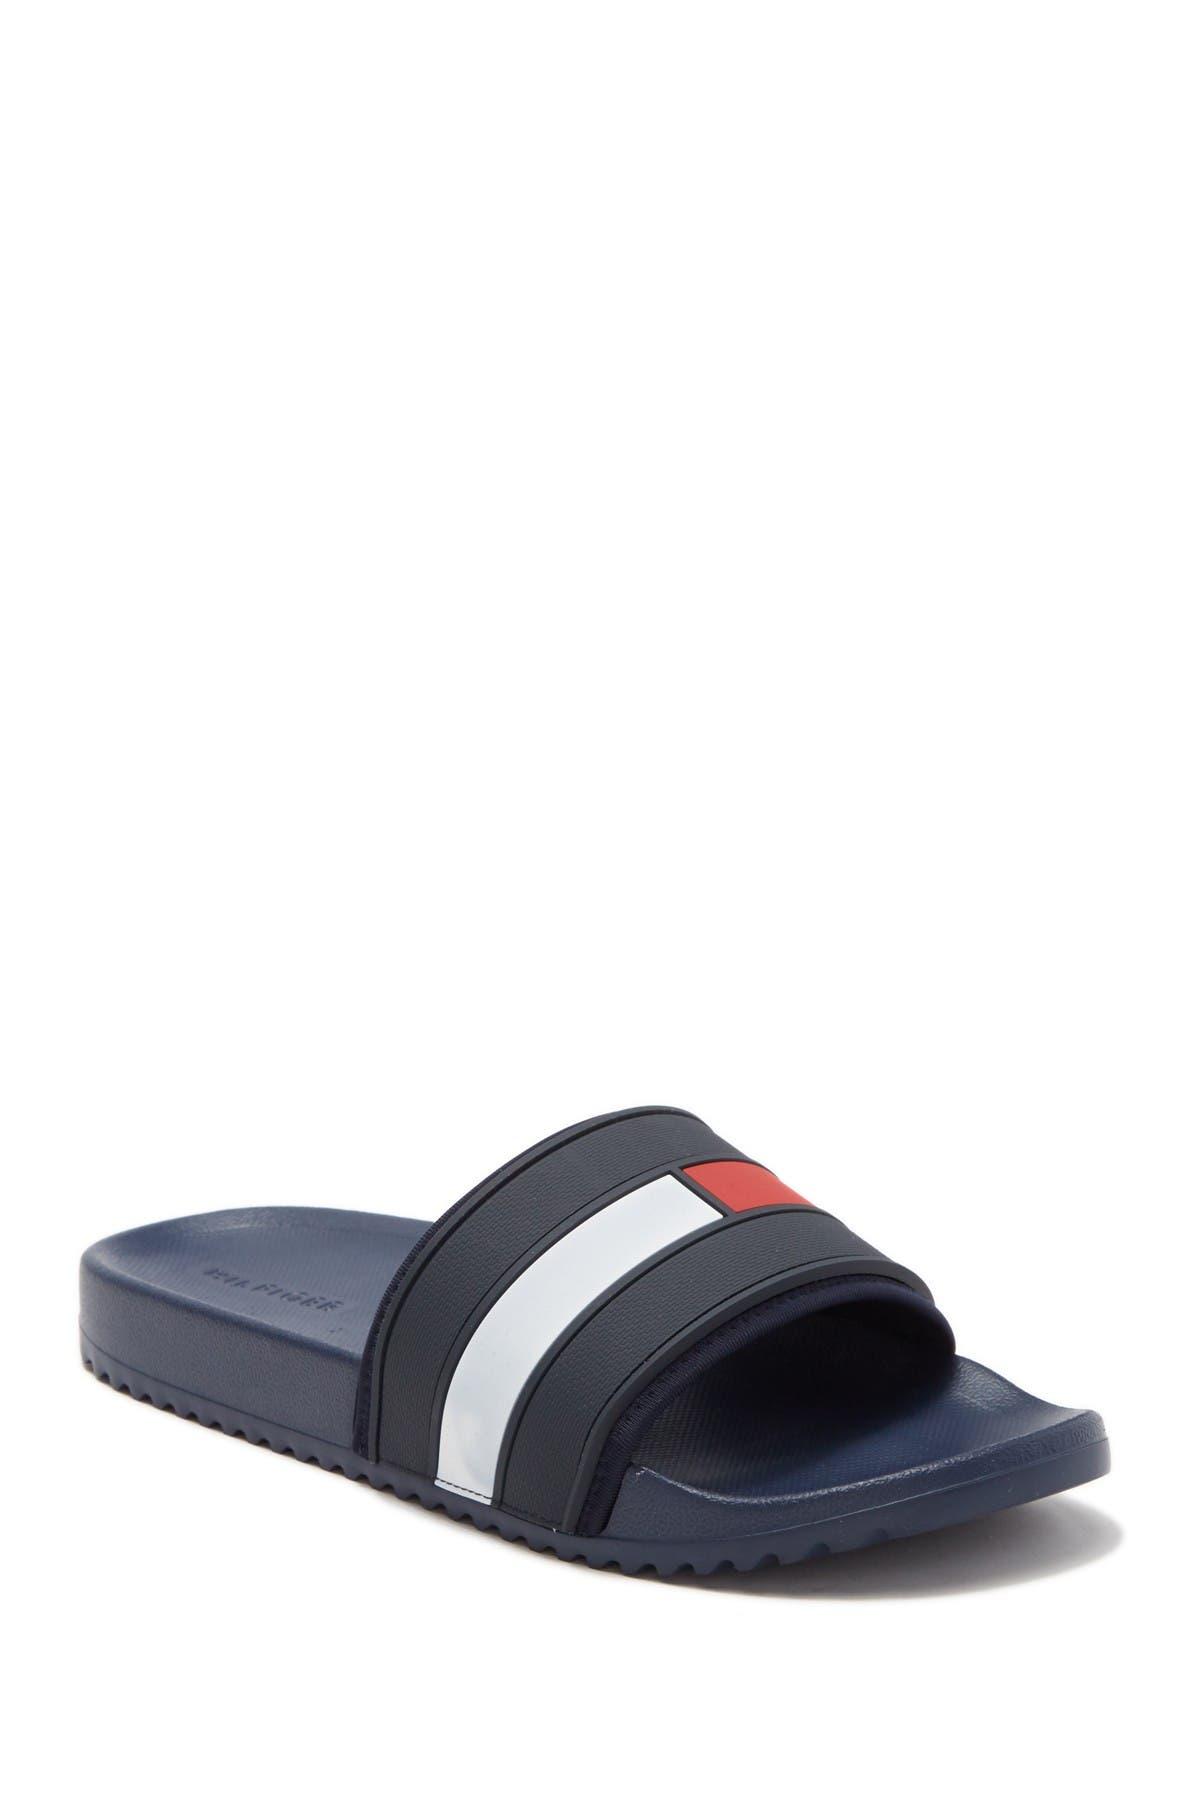 Tommy Hilfiger Mens Rouge Slide Sandal